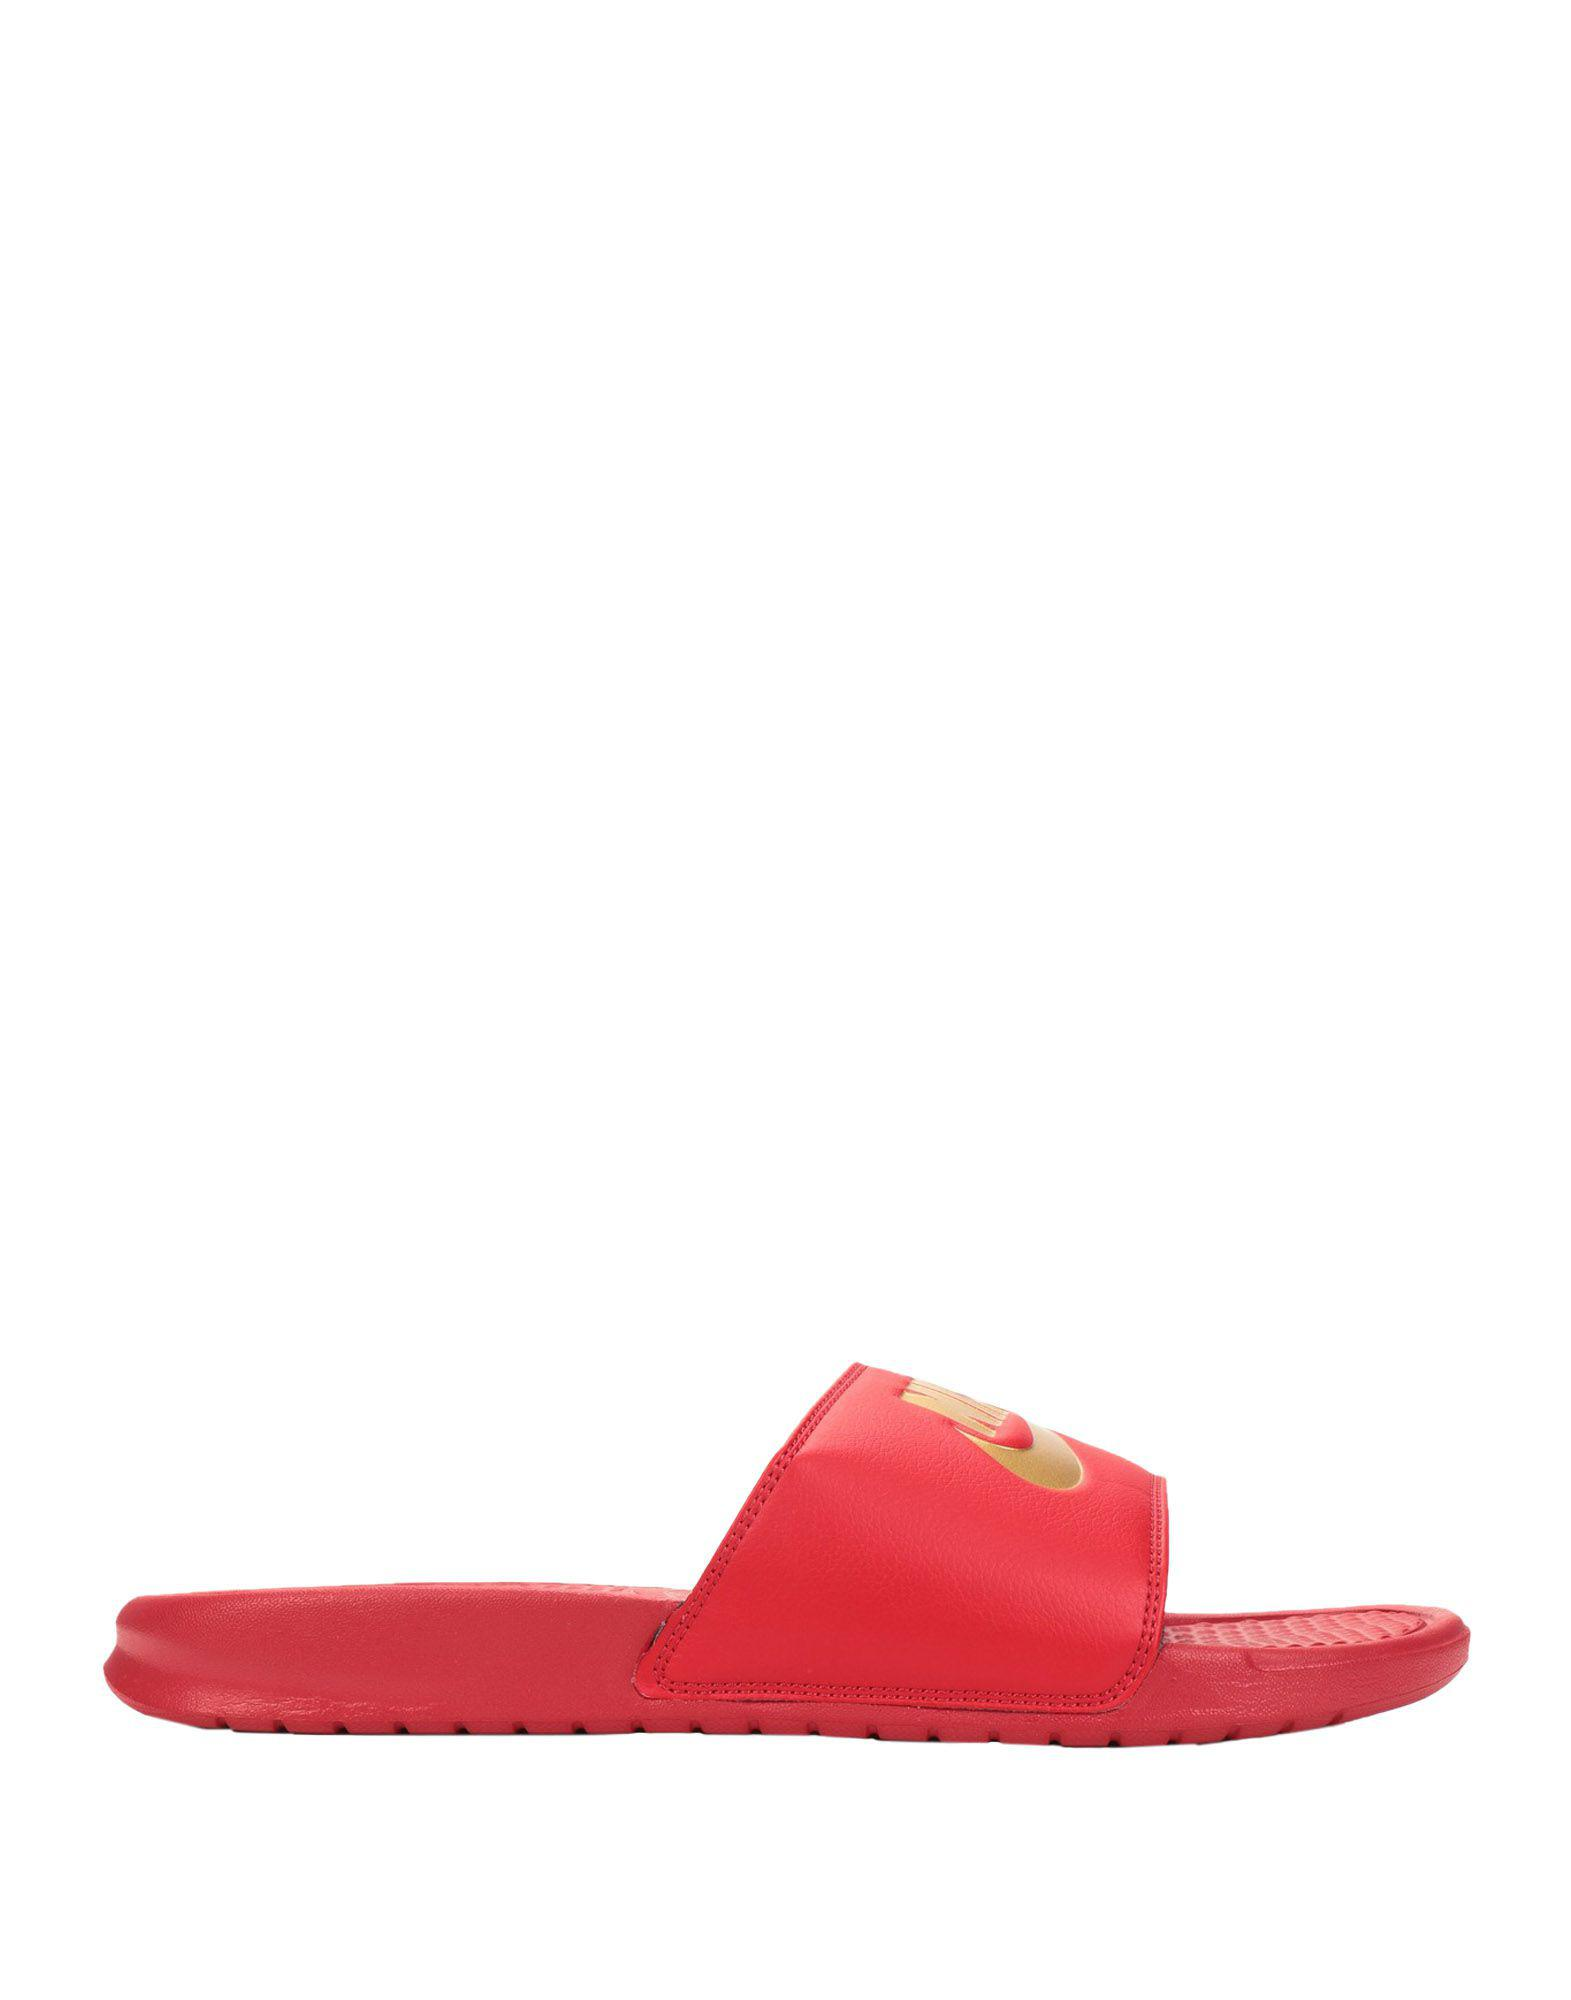 huge selection of 26eee 546d8 Lyst - Sandales Nike pour homme en coloris Rouge